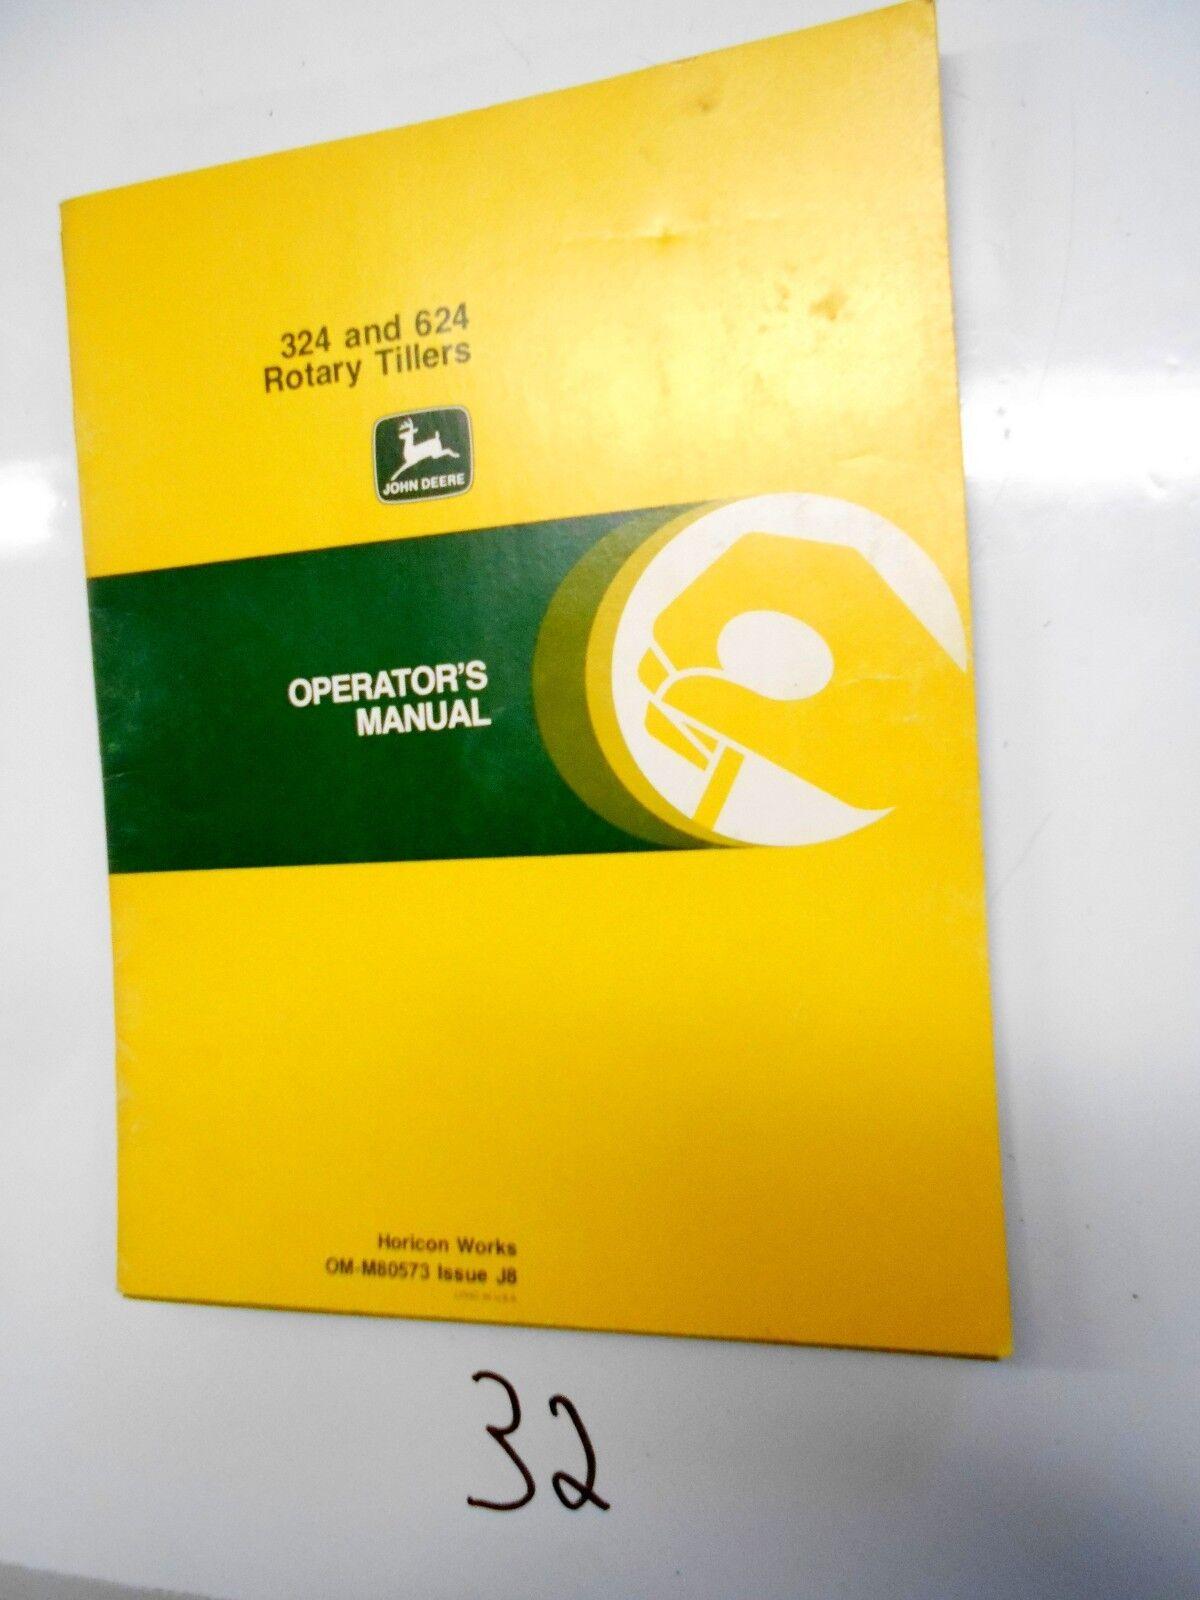 genuine john deere 324 and 624 rotary tillers operator s manual om rh ebay com John Deere 820 Tiller John Deere 624 Tiller Manual